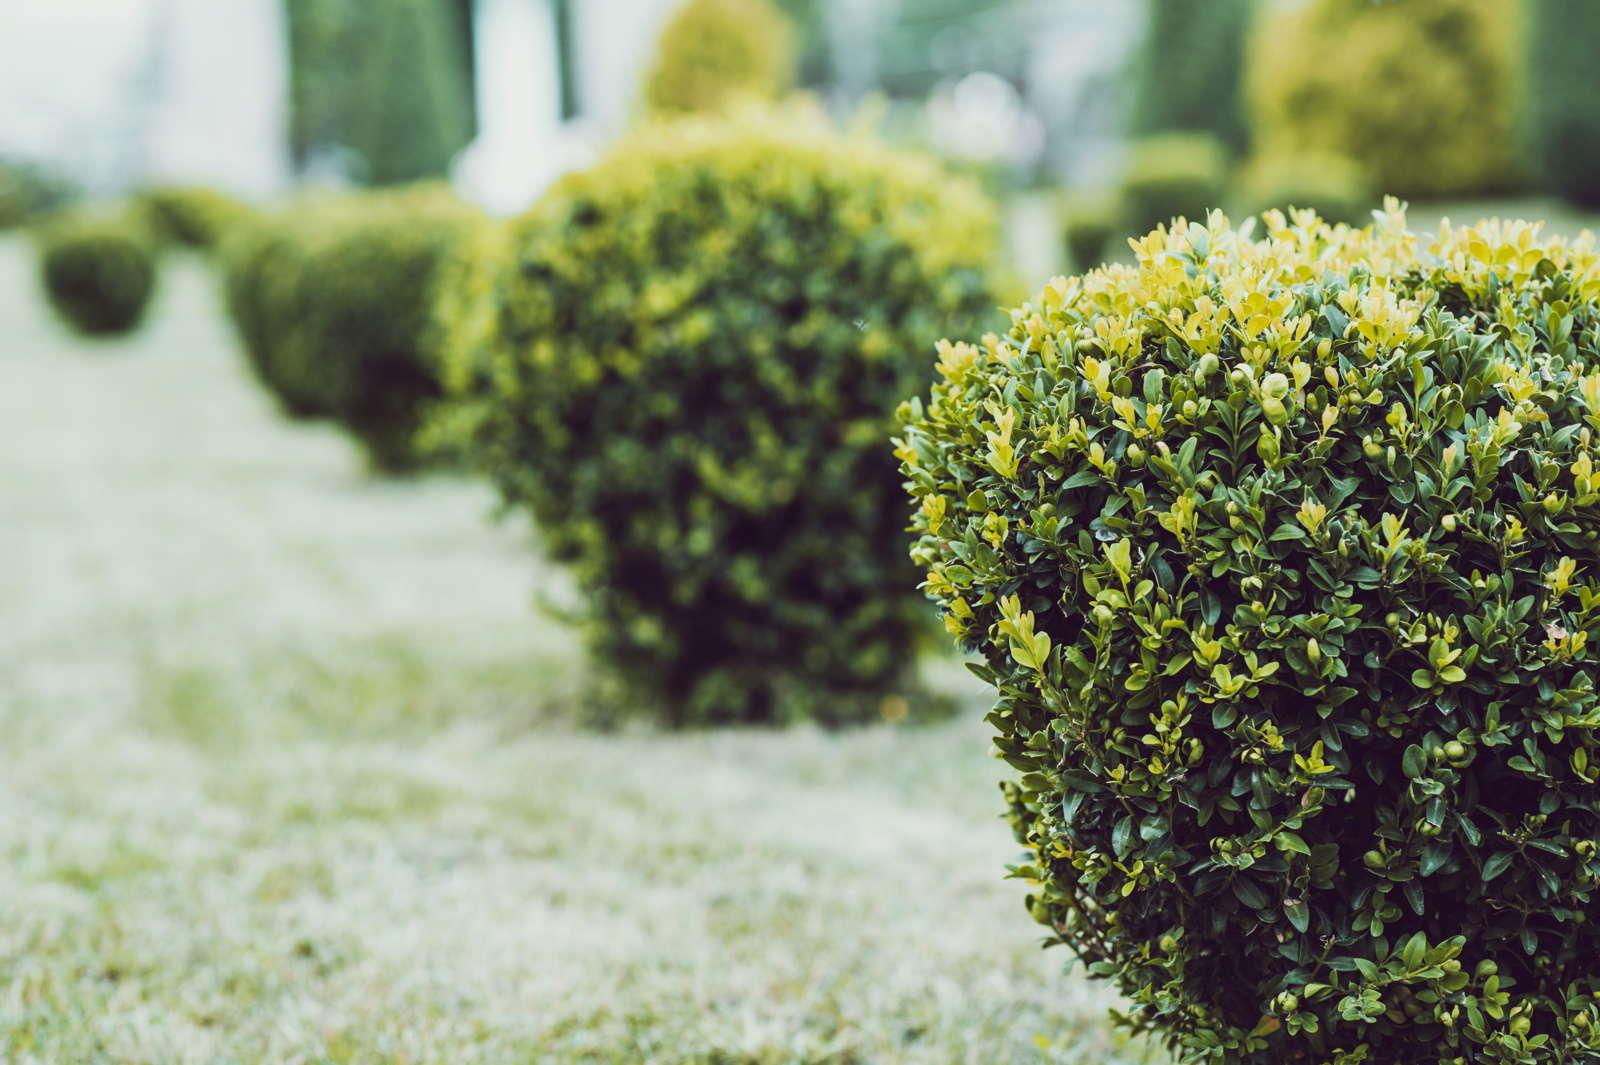 Gemeinsame Buchsbaum vermehren: Vermehrung durch Stecklinge & Teilung - Plantura &IZ_63